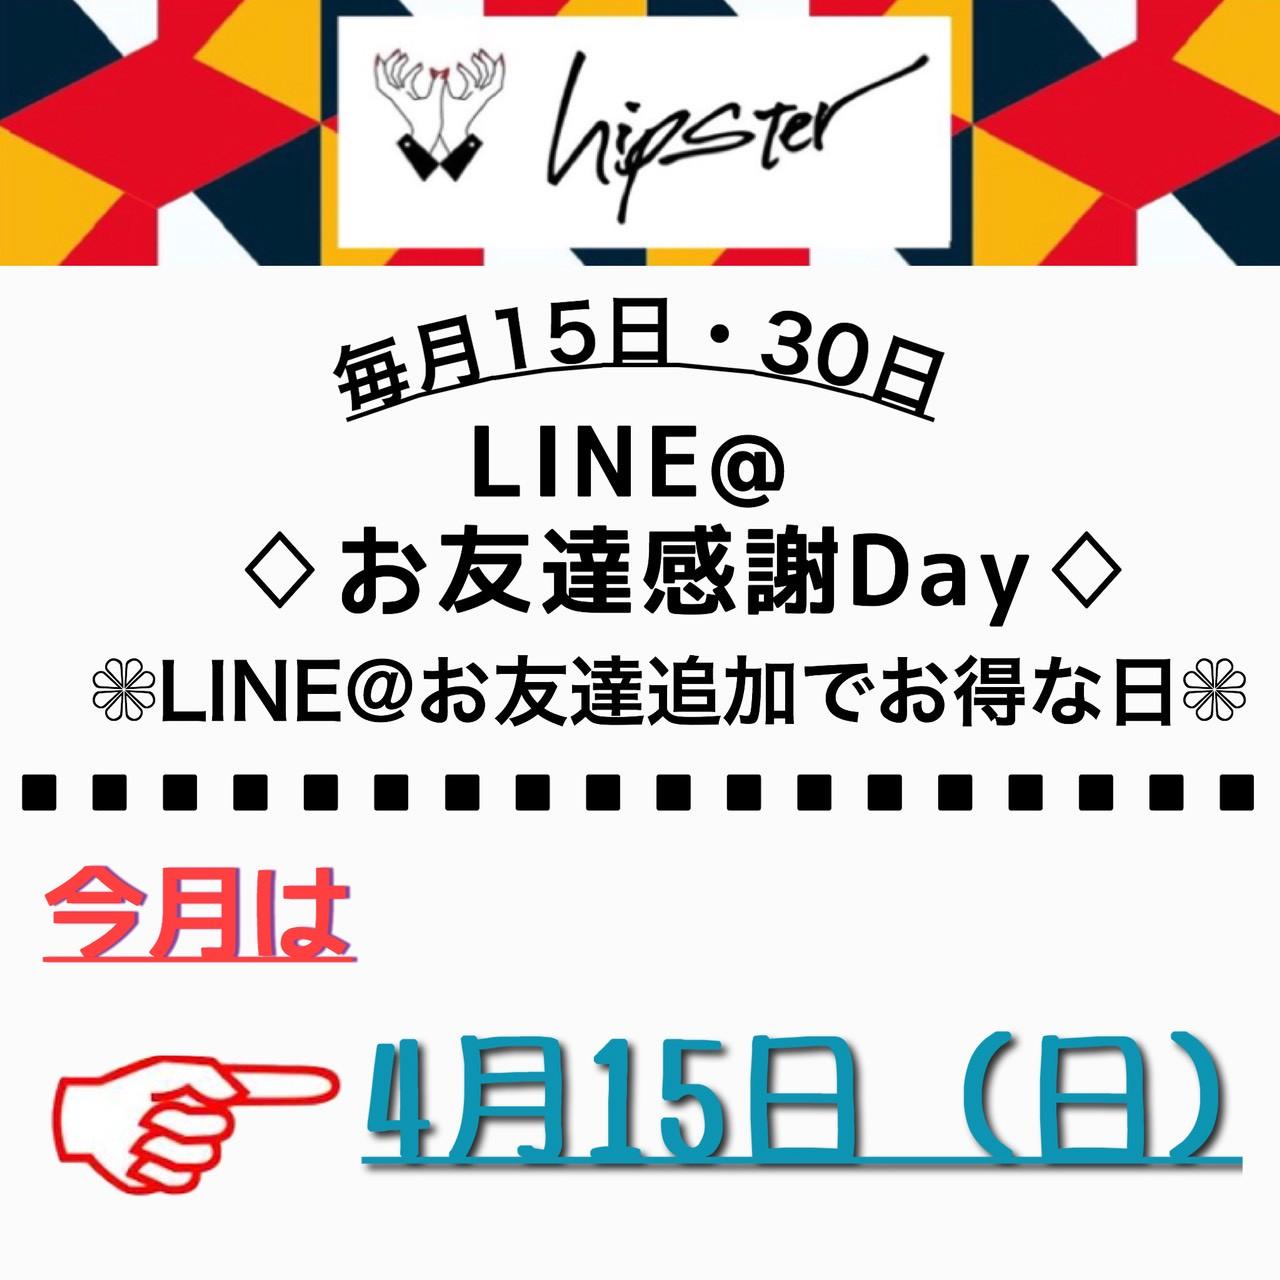 4月15日LINEお友達感謝デー&オンラインお得なお知らせ